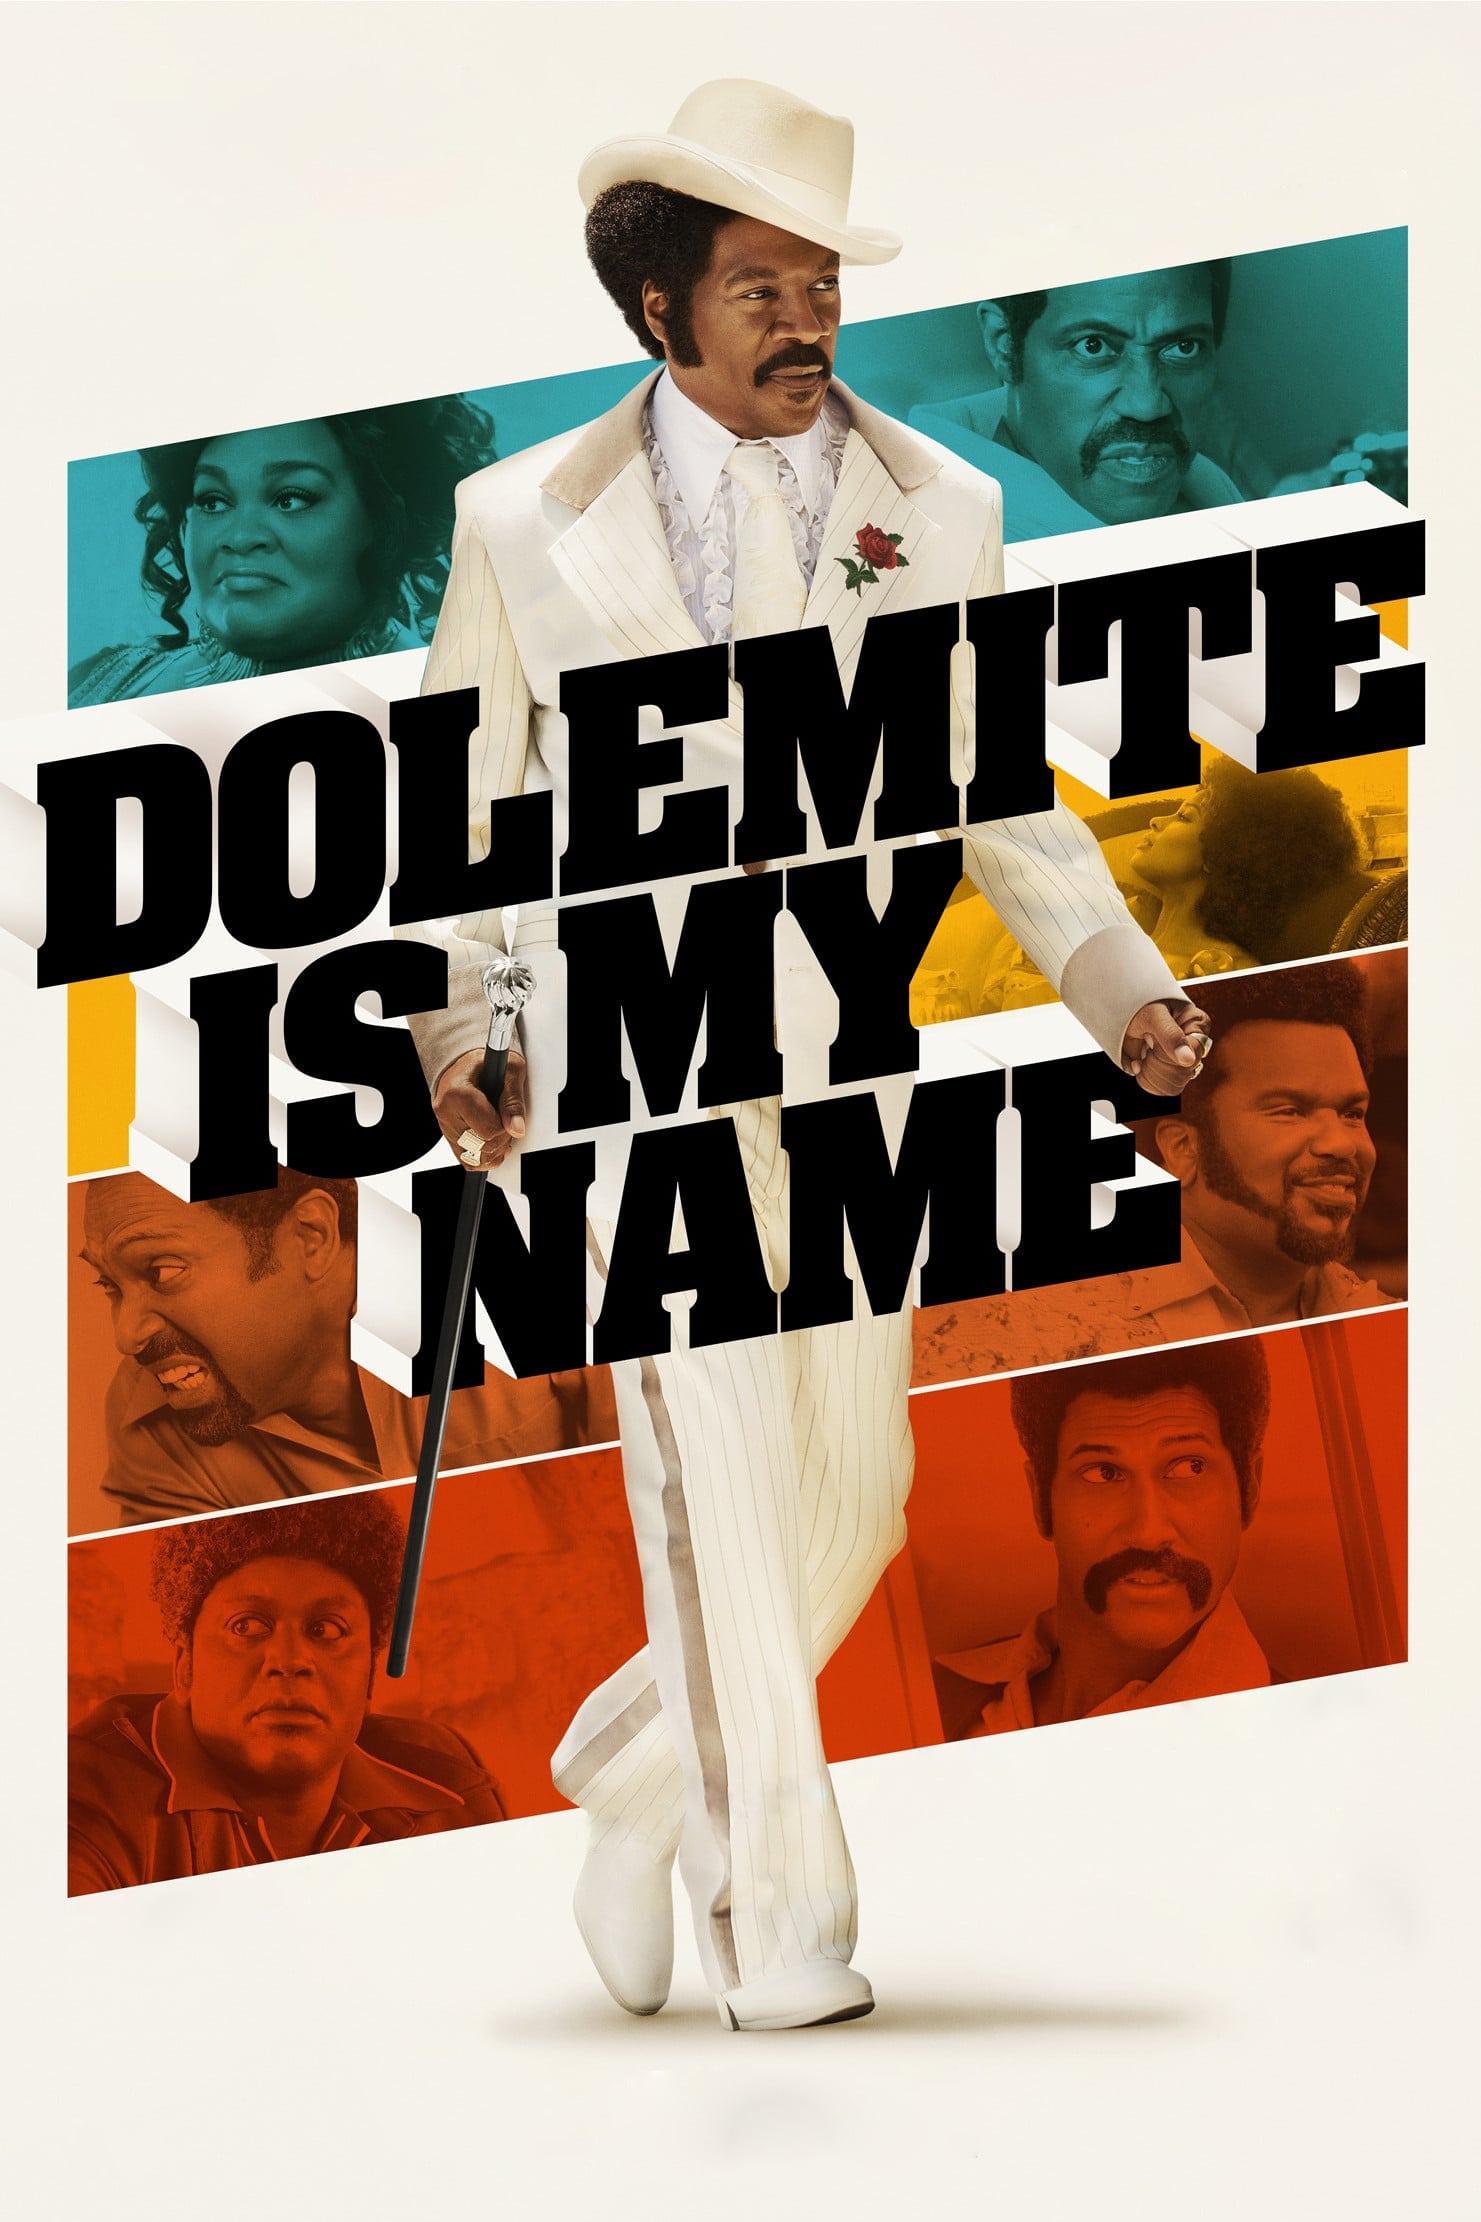 Meu Nome é Dolemite